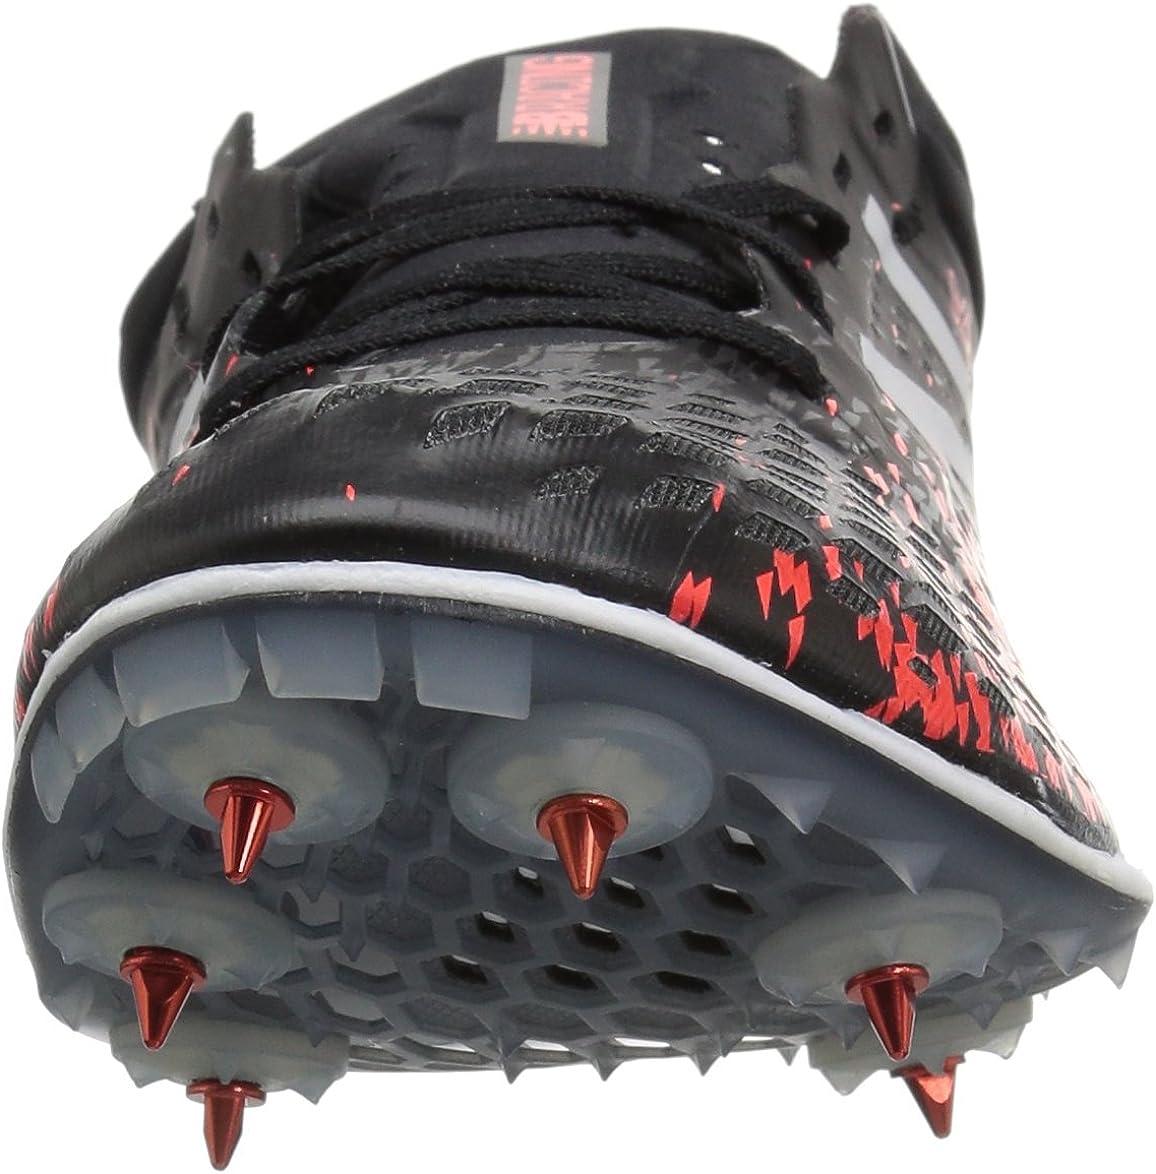 New Balance Herren Mmd800v5 Spike Leichtathletikschuhe Black/Flame